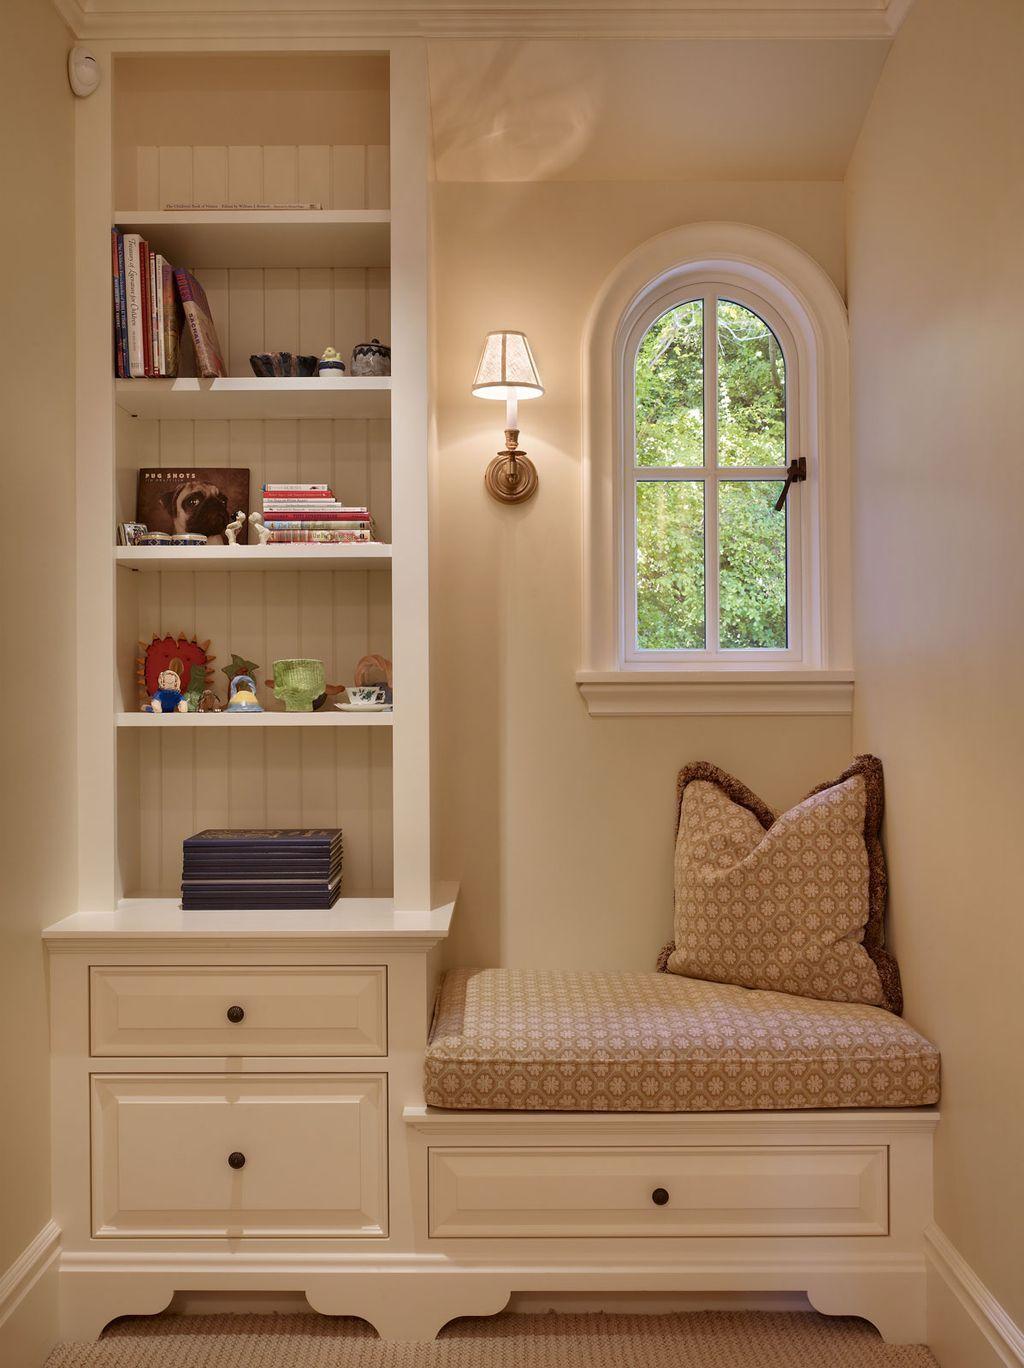 87 Elegant Teenage Girls Bedroom Decoration Ideas | Home ... on Classy Teenage Room Decor  id=13273